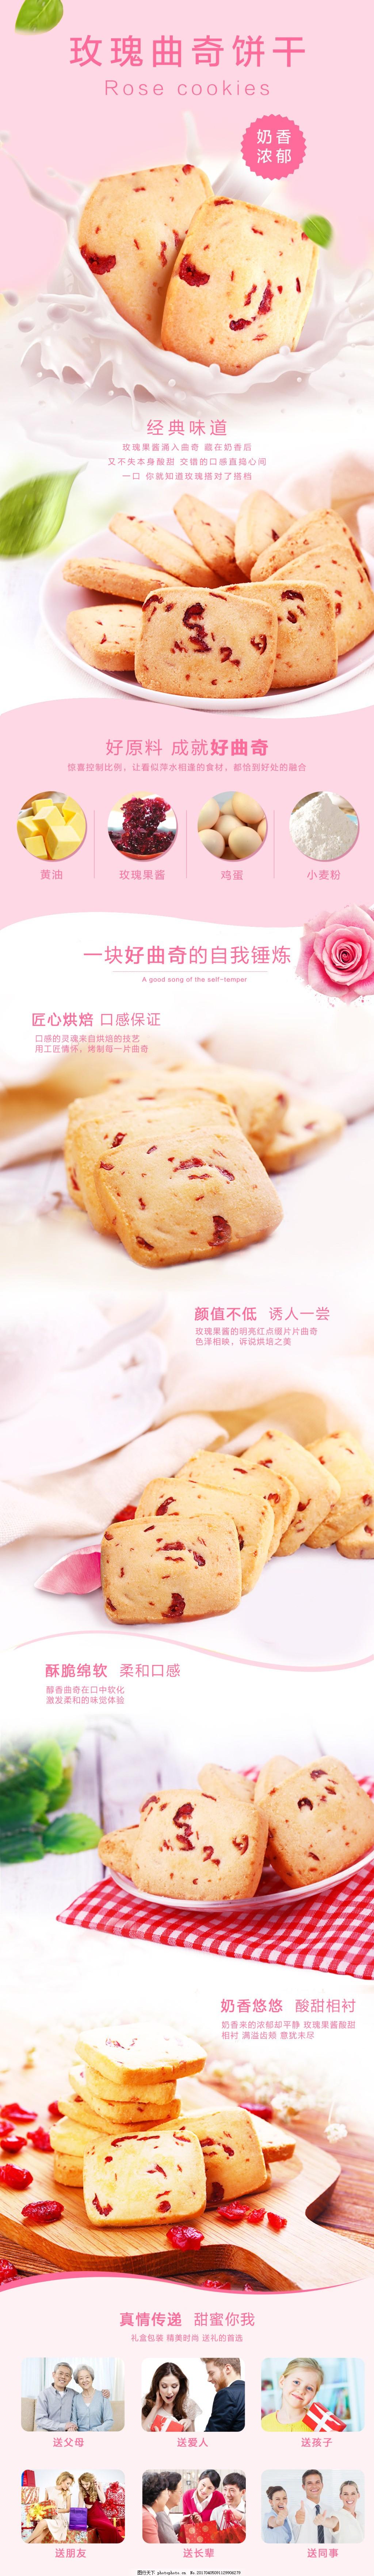 玫瑰曲奇饼干详情页美食食品零食 蔓越莓